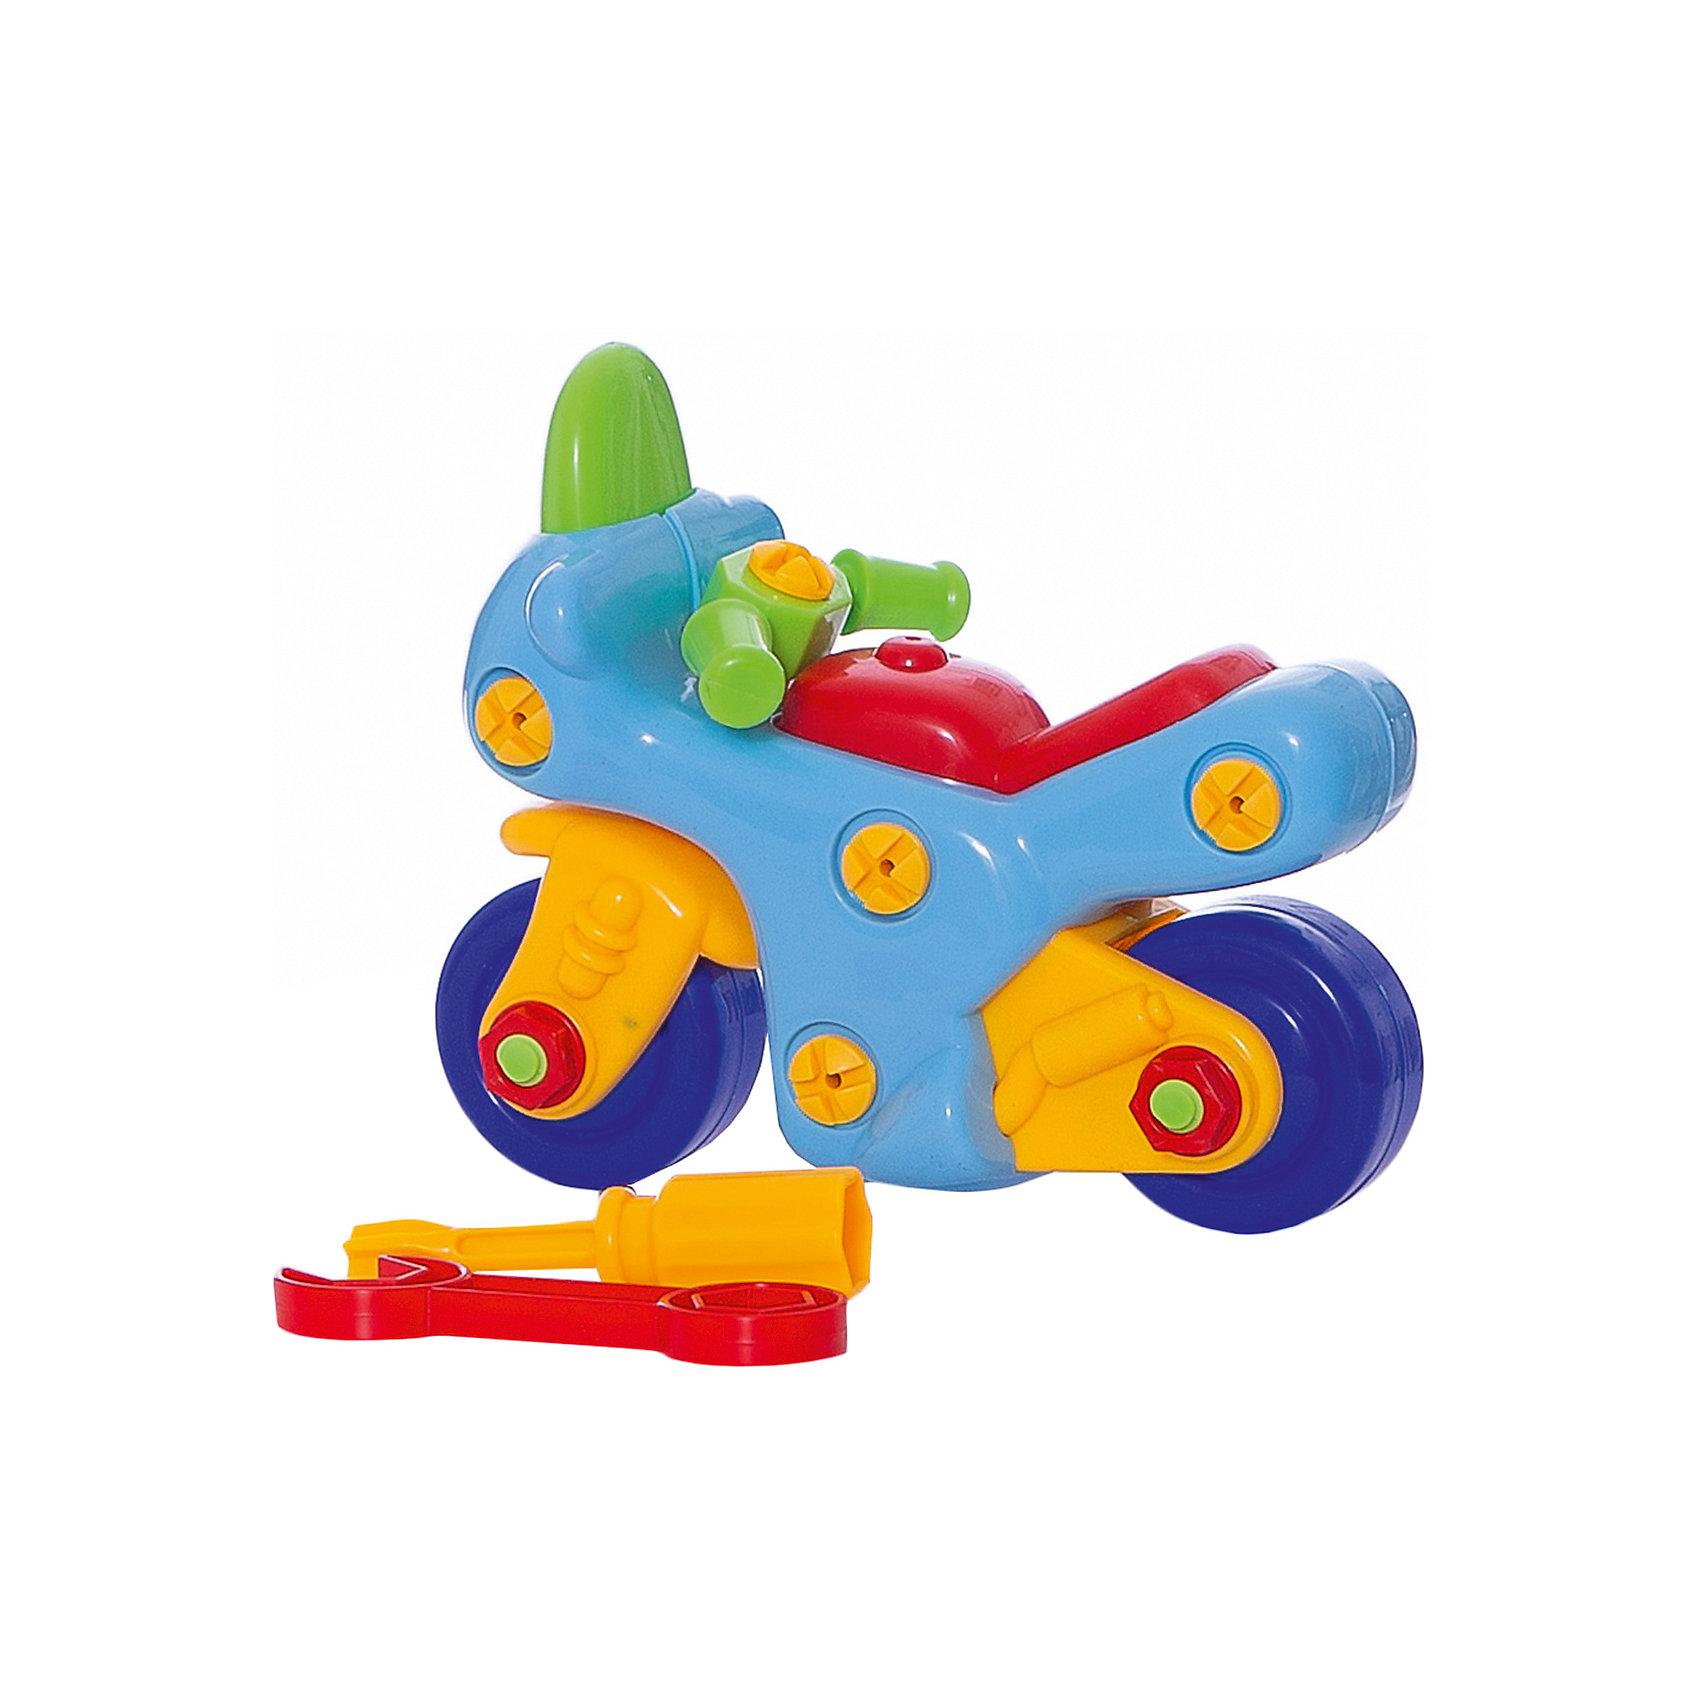 Конструктор Мотоцикл (с отверткой и ключом), KriblyBooПластмассовые конструкторы<br>Конструктор Мотоцикл (с отверткой и ключом), KriblyBoo (Крибли Бу).<br><br><br>Характеристики:<br><br>• яркие цвета<br>• безопасен для ребенка<br>• материал: пластик<br>• размер упаковки: 7х13х16 см<br>• вес: 260 грамм<br><br>Конструктор Мотоцикл станет прекрасным подарком начинающим строителям. В процессе игры ребенку предстоит собрать (или даже разобрать) красочный мотоцикл с помощью отвертки и ключа. Такая игра хорошо развивает усидчивость и мелкую моторику. Маленький механик с гордостью похвастается собранным мотоциклом!<br><br>Конструктор Мотоцикл (с отверткой и ключом), KriblyBoo (Крибли Бу) вы можете купить в нашем интернет-магазине.<br><br>Ширина мм: 160<br>Глубина мм: 130<br>Высота мм: 70<br>Вес г: 260<br>Возраст от месяцев: 36<br>Возраст до месяцев: 120<br>Пол: Мужской<br>Возраст: Детский<br>SKU: 5017665